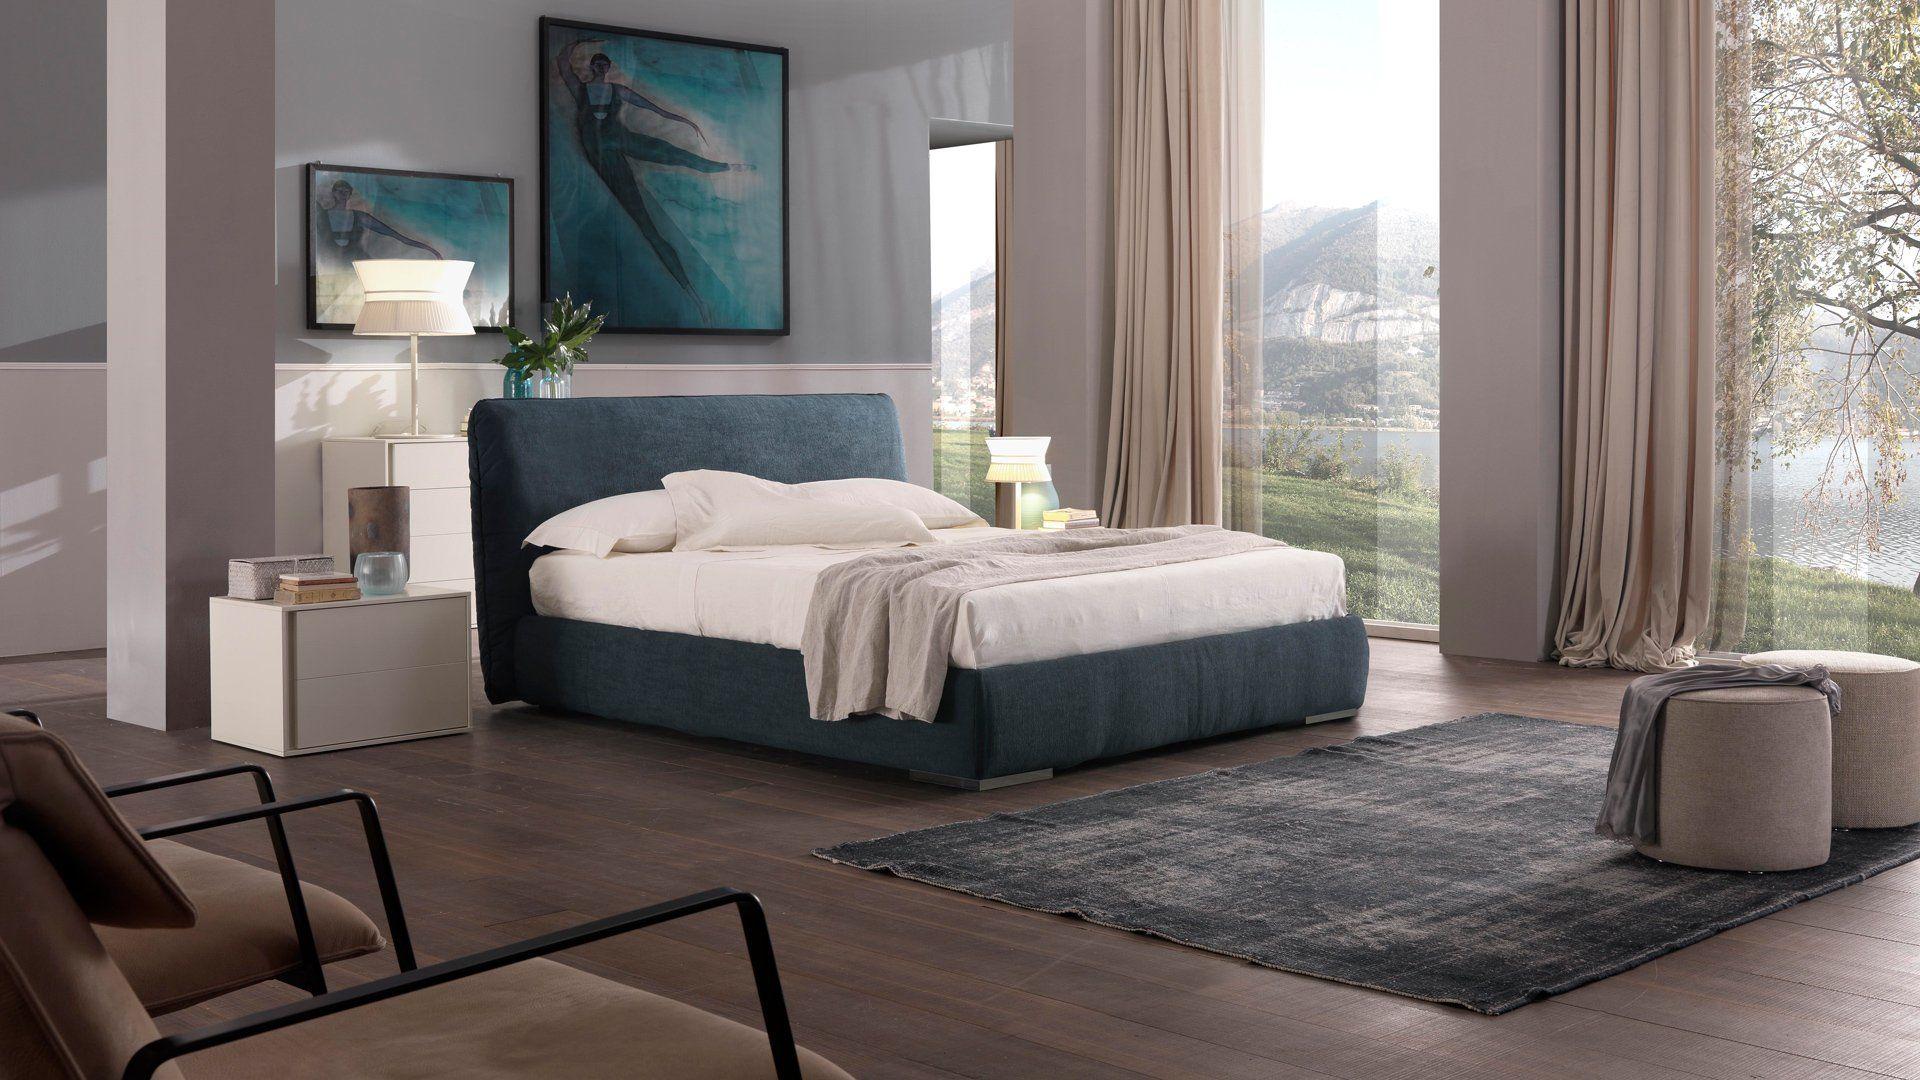 Dormitorios contempor neos y a su vez soluciones de decoraci n